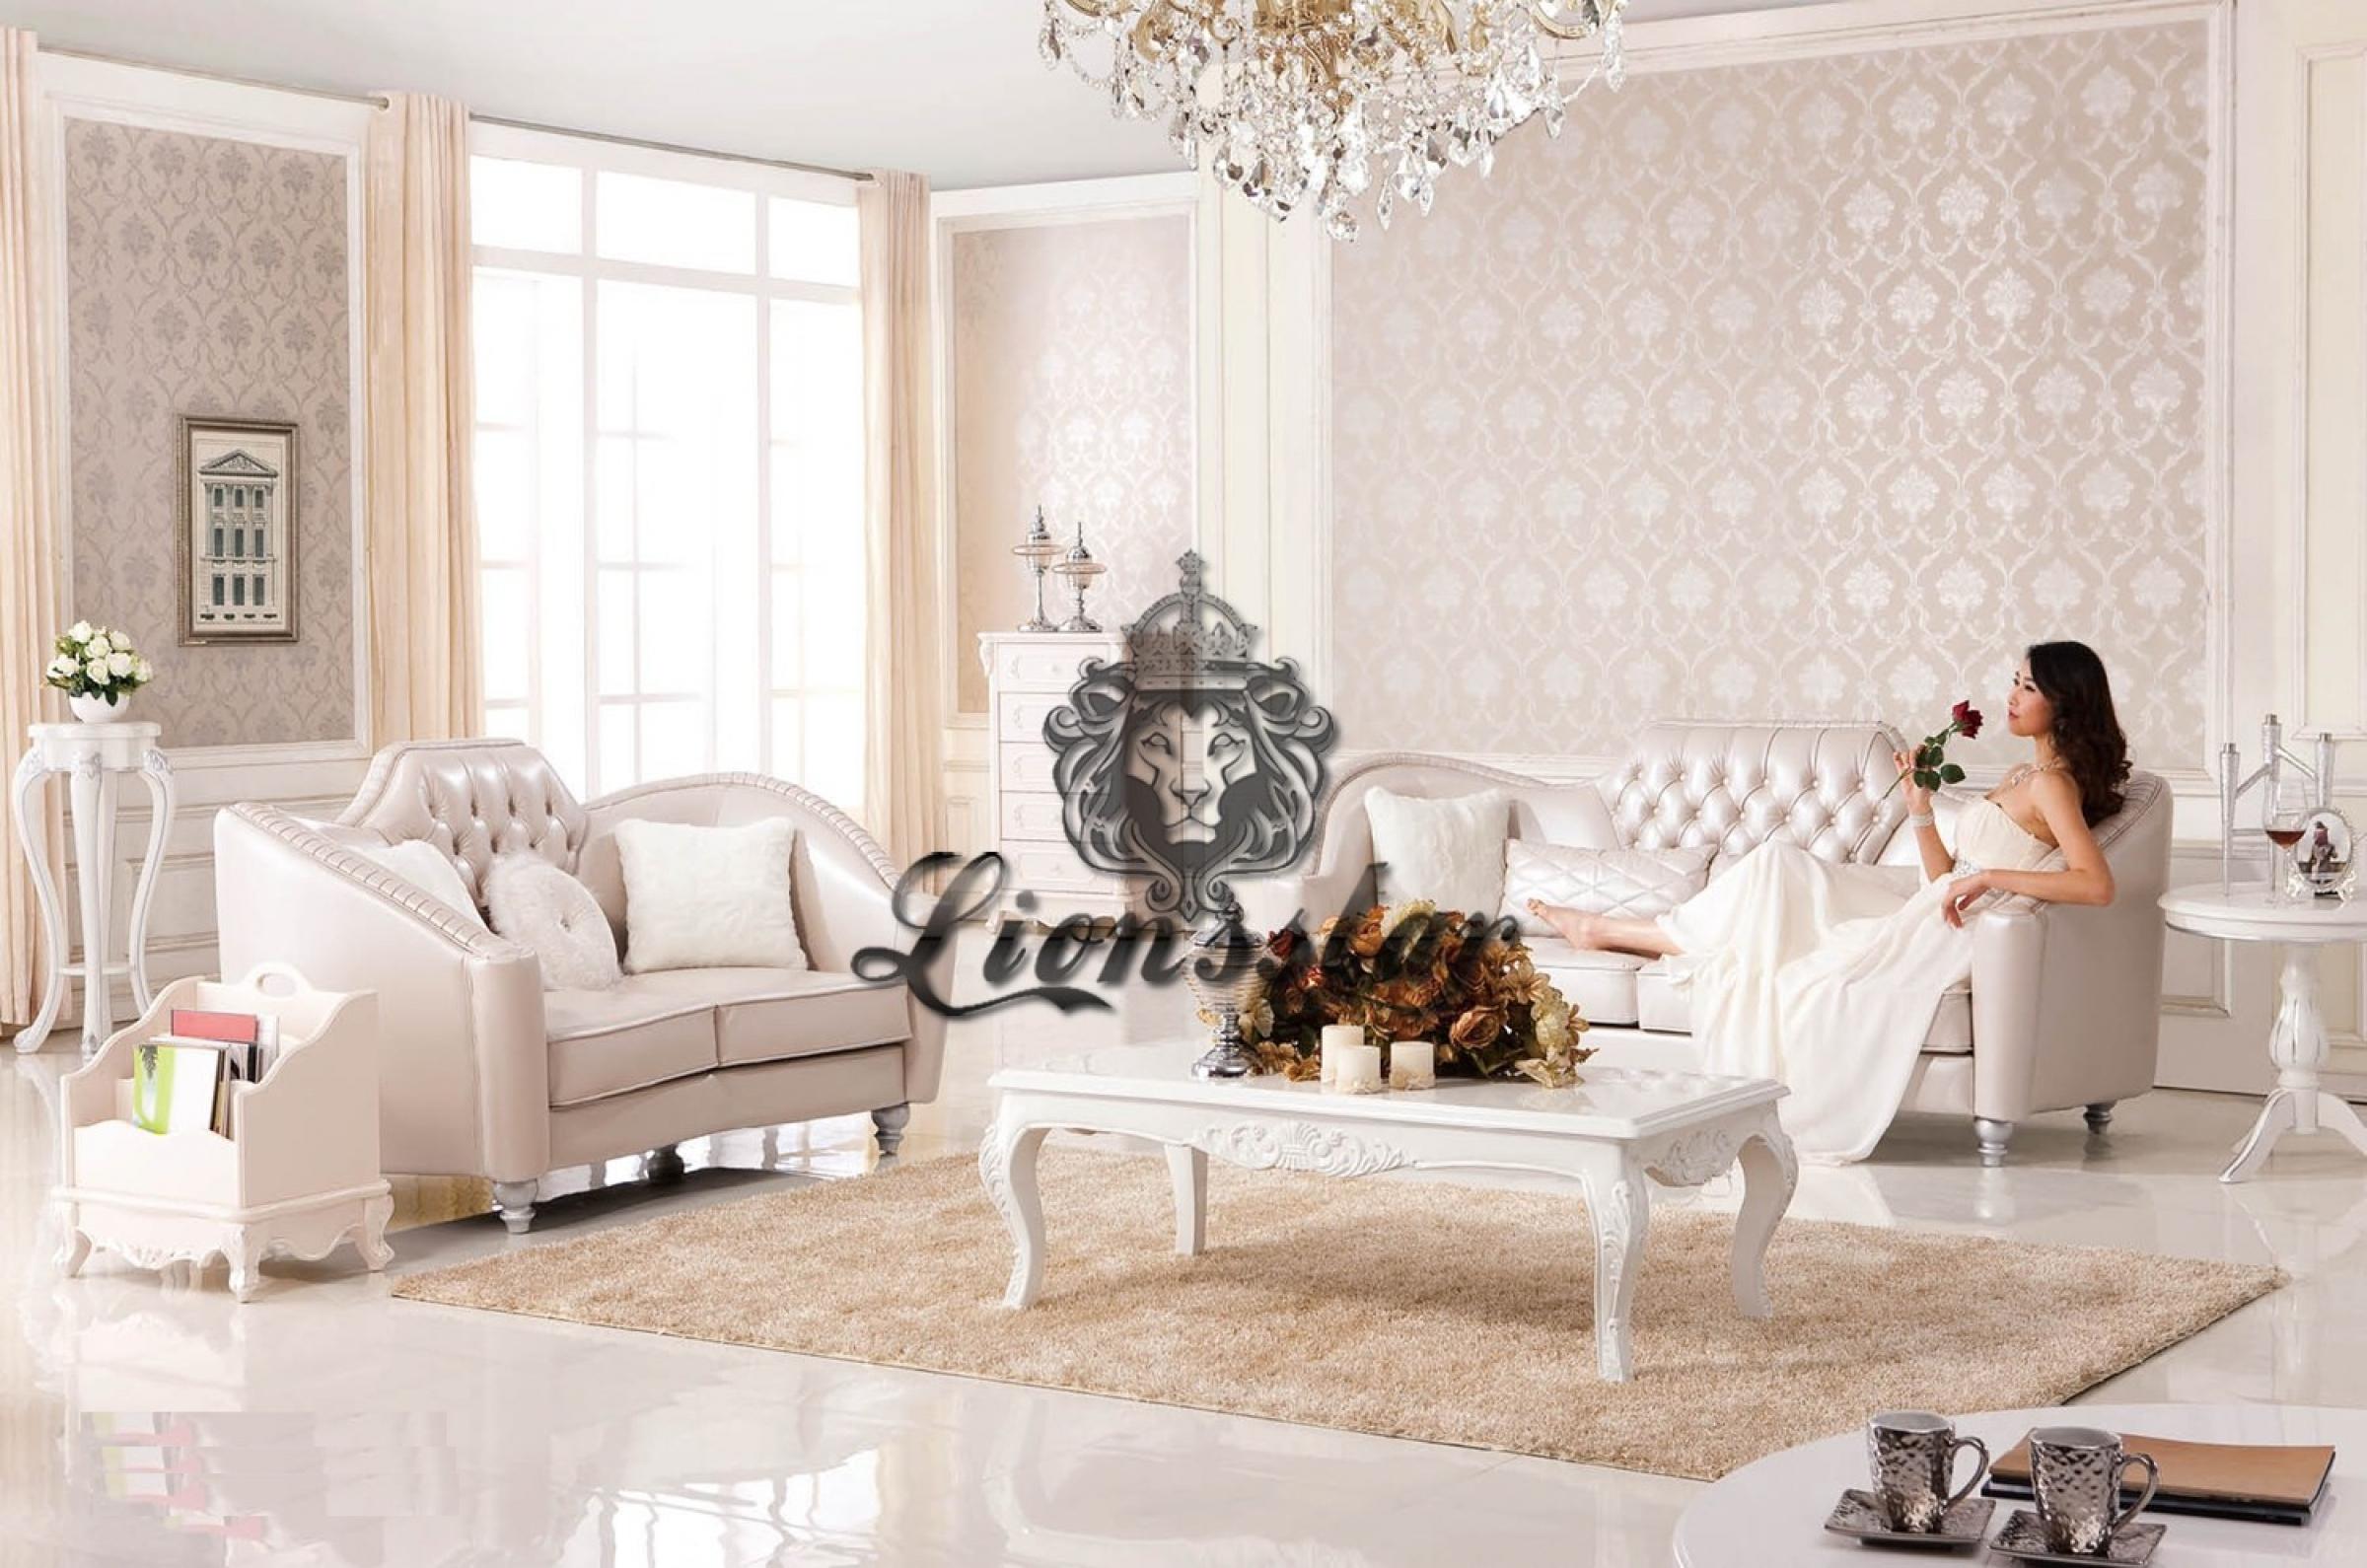 ecksofa luxus ecksofa luxus gerakacehinfo - Fantastisch Wunderbare Dekoration 14 Sofa Aus Leder Das Symbol Von Eleganz Und Luxus